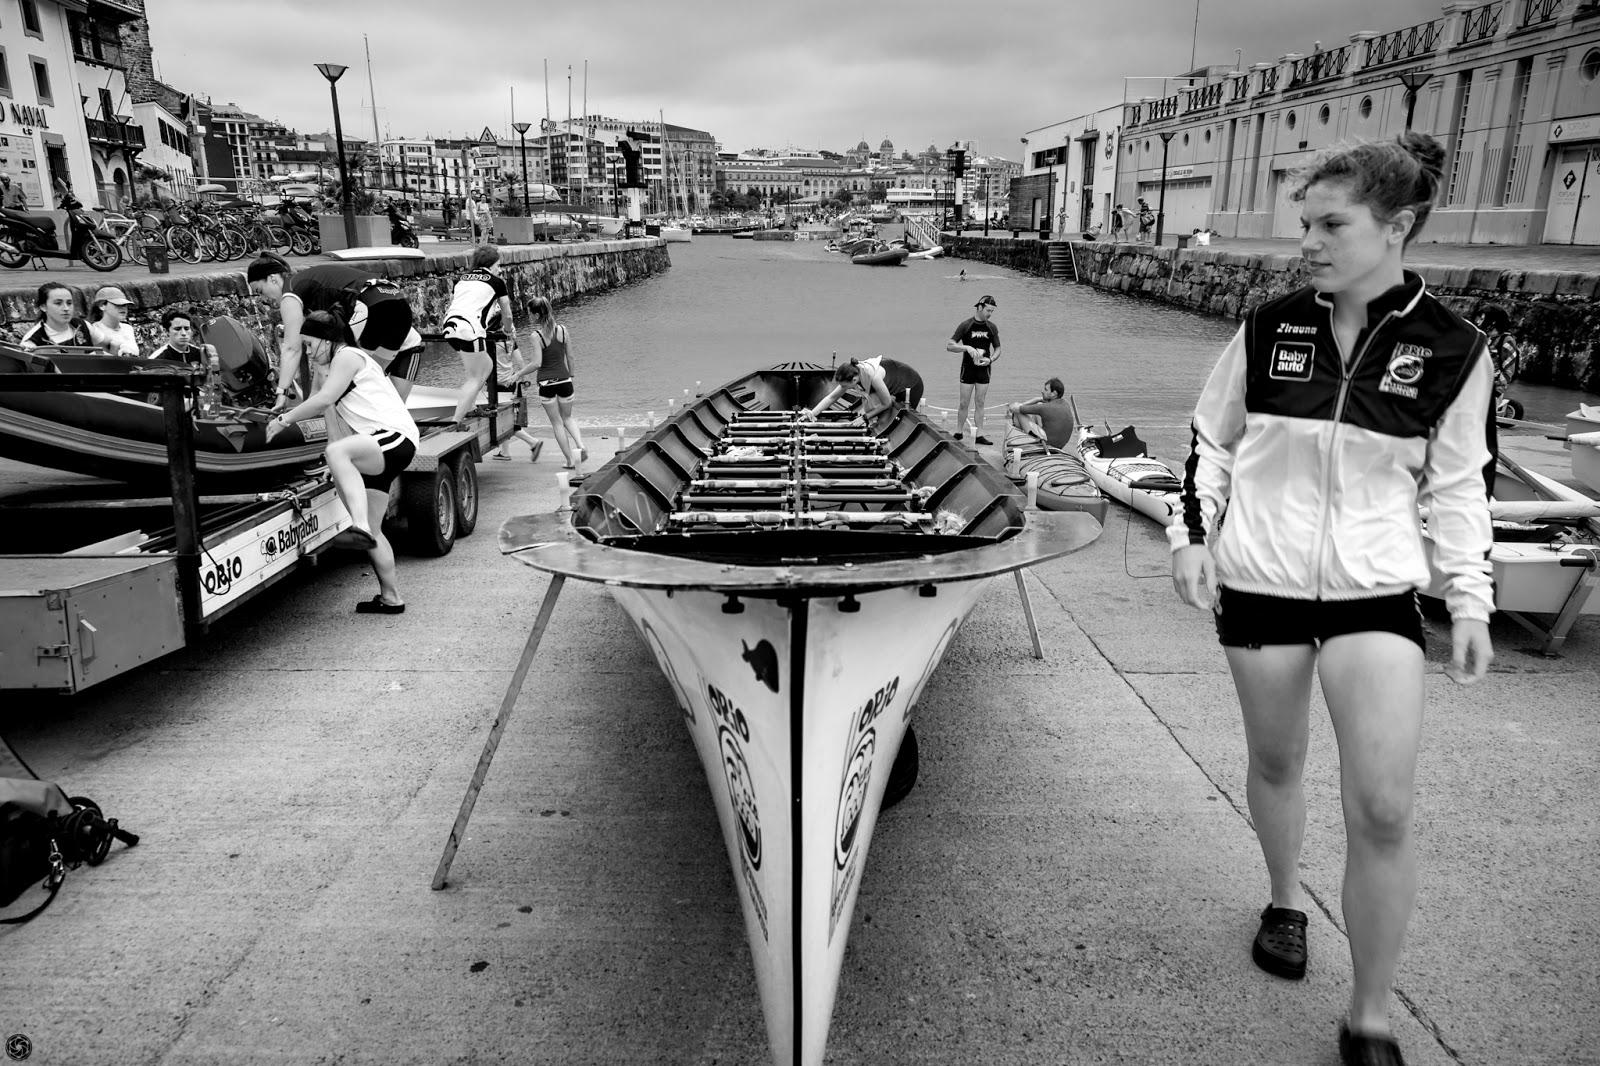 Acaban de enderezar la embarcación :: Canon EOS 5D MkIII | ISO200 | Canon 24-105 @24mm | f/6.3 | 1/80s